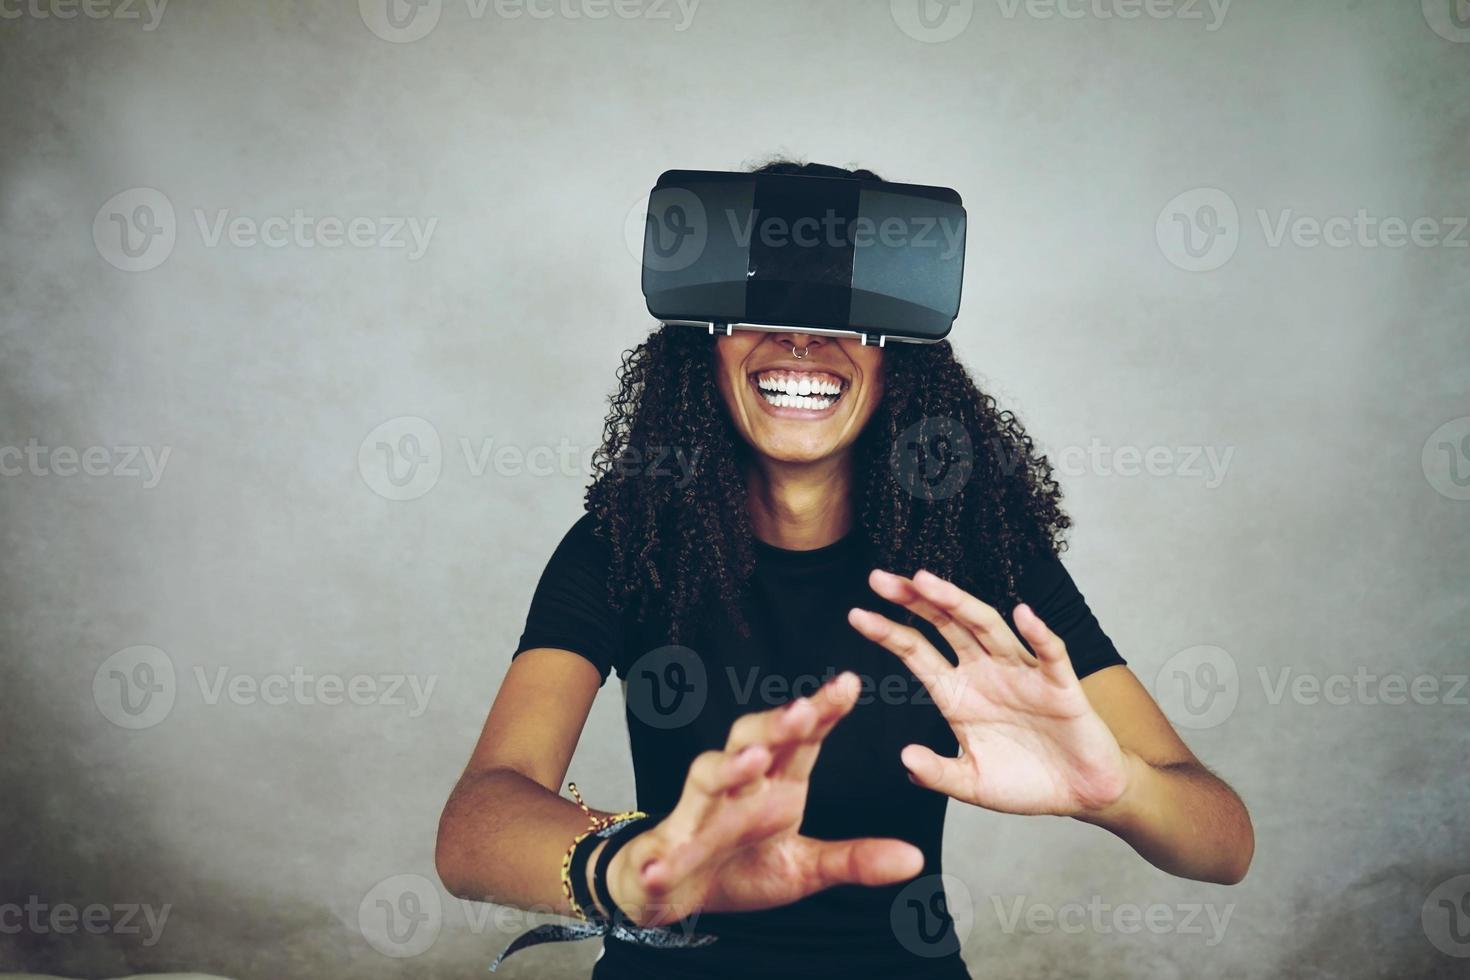 Una hermosa joven negra con cabello afro rizado usa auriculares de realidad virtual vr y juega videojuegos mientras sonríe en el estudio con fondo gris foto